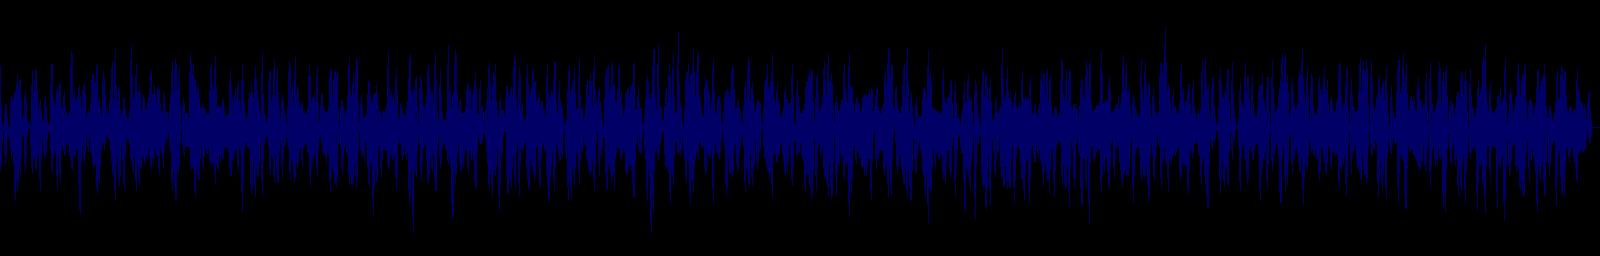 waveform of track #101279